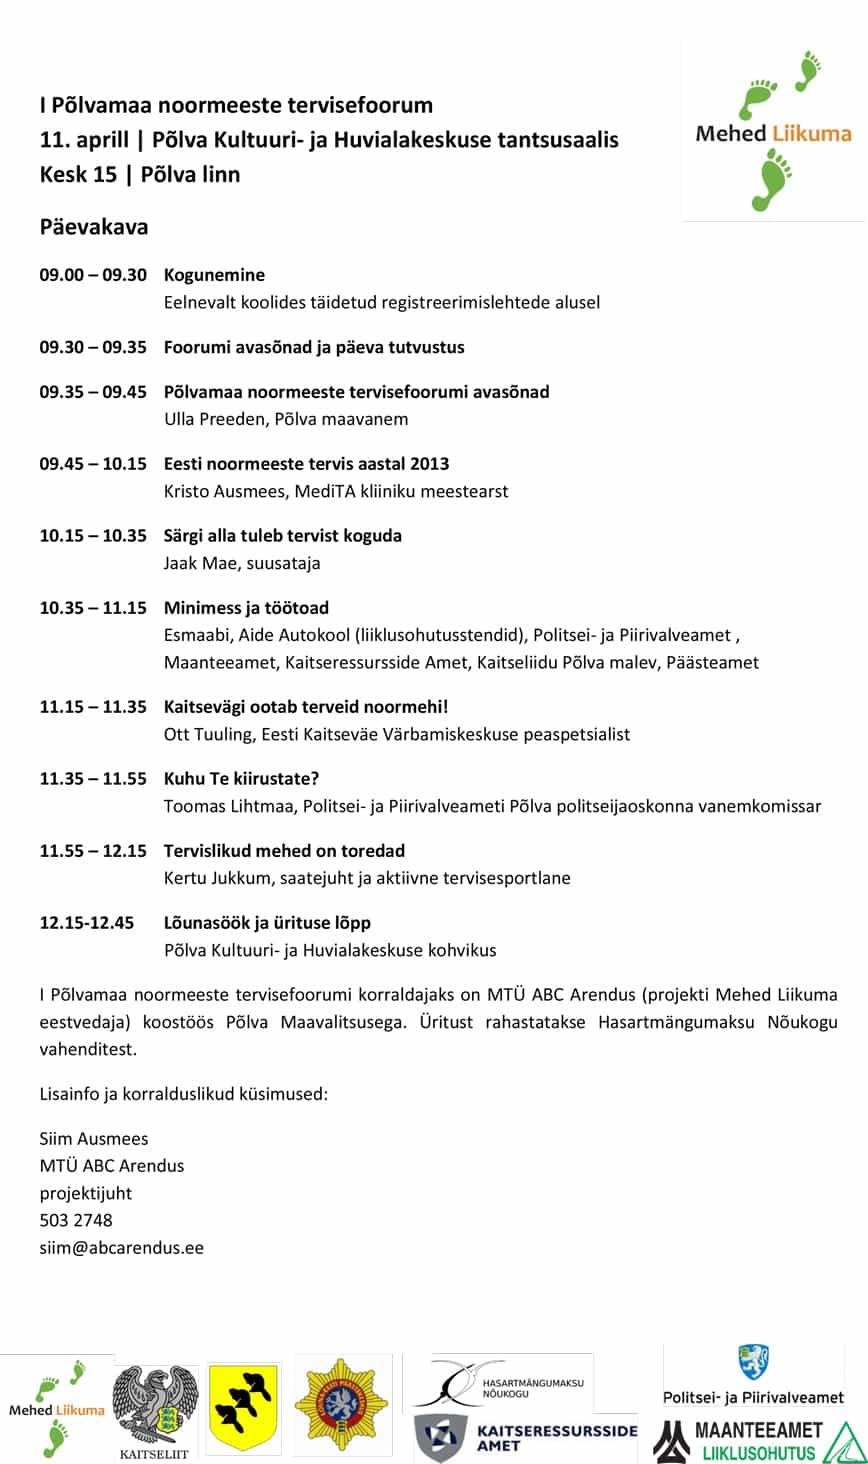 Päevakava_Põlvamaa_noormeeste_tervisefoorum